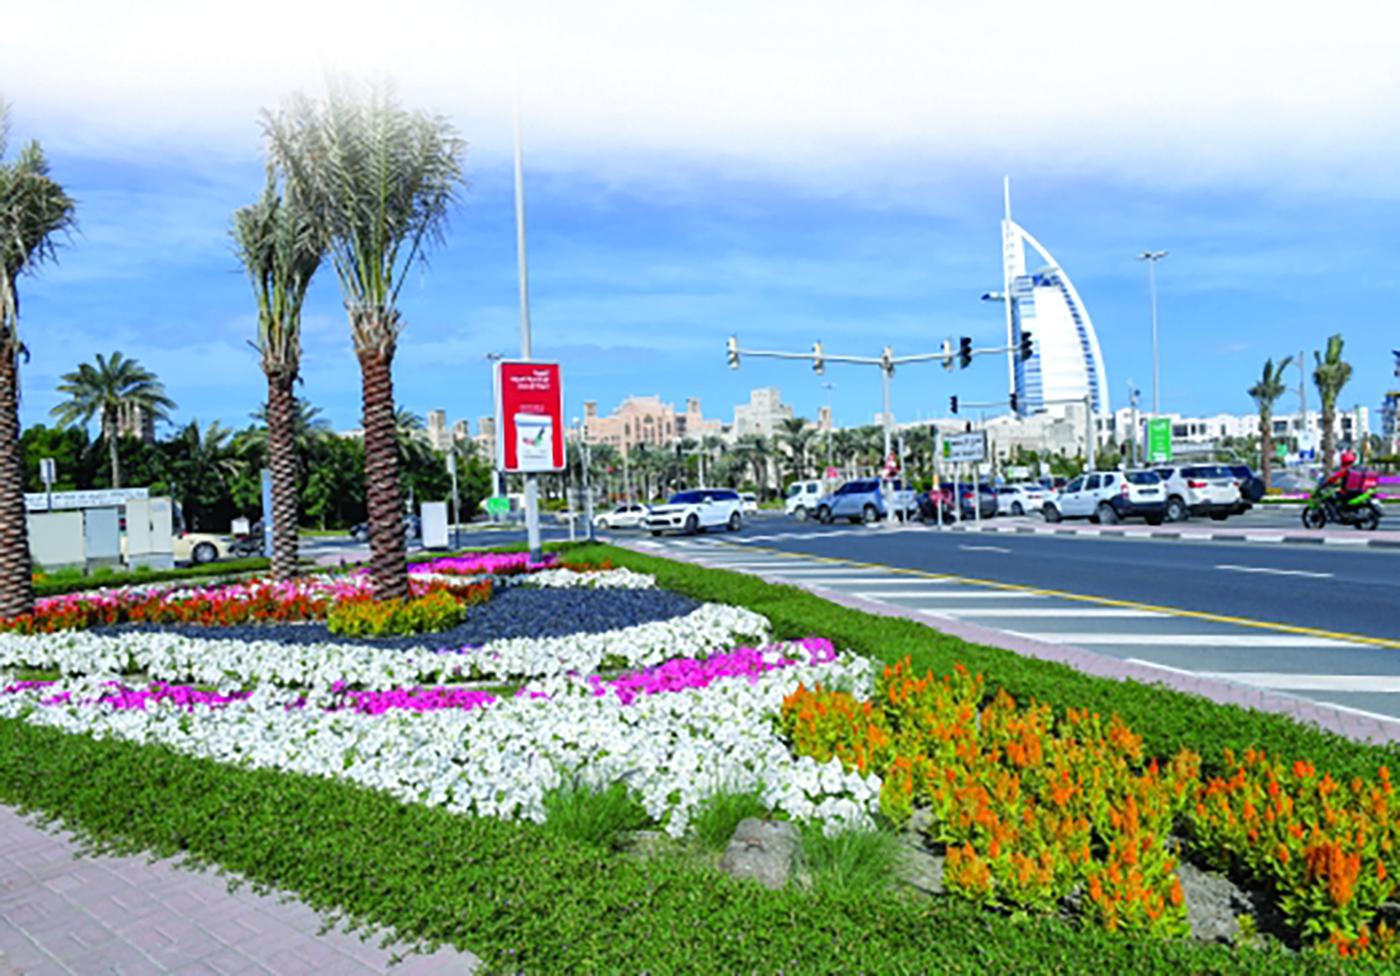 3828 هكتاراً المساحات الخضراء في دبي